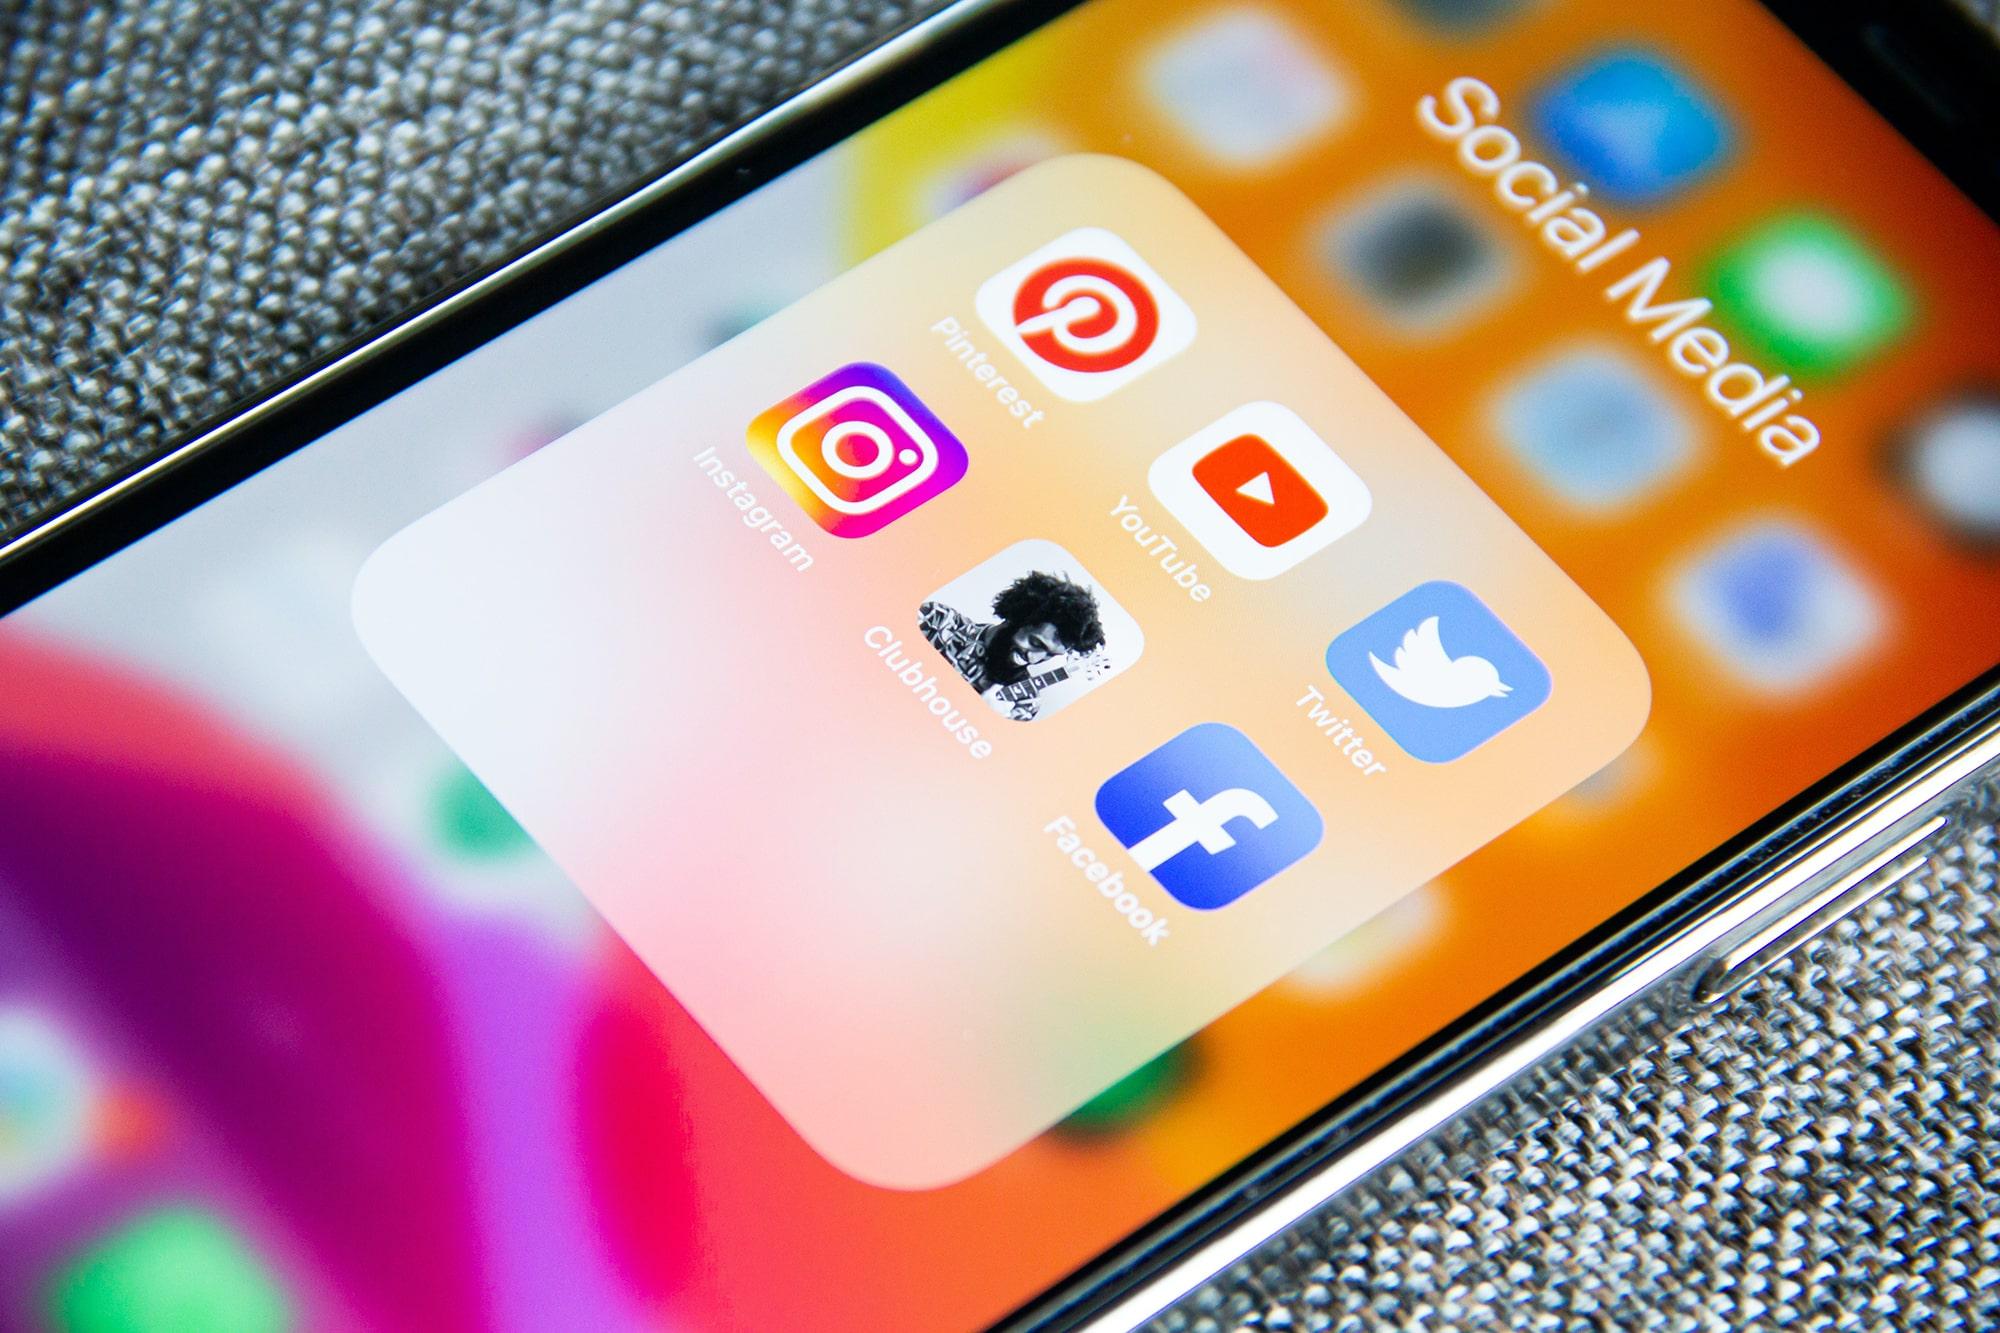 How to Make a Social Media App